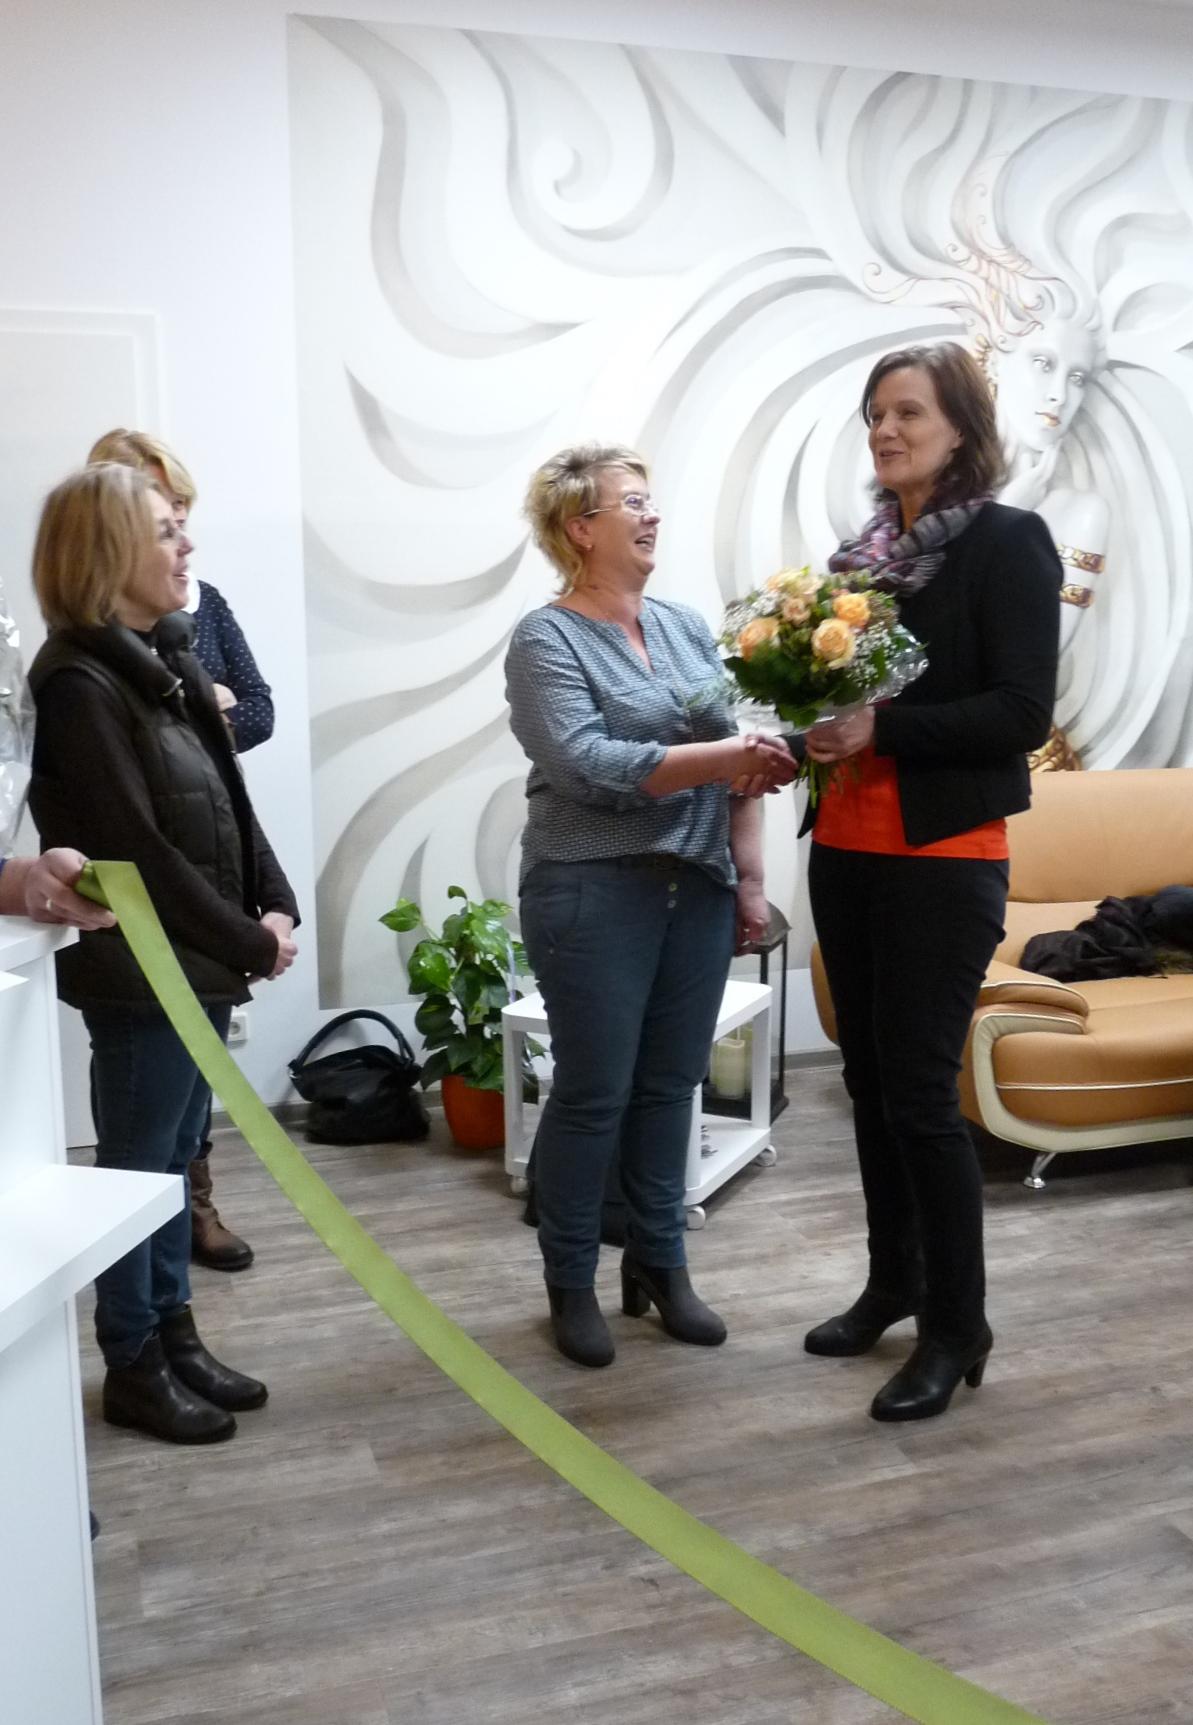 Landrätin und RAG-Vorsitzende Antje Hochwind (re.) gratuliert der Frisörmeisterin Diana Scholz (Mitte) zu ihrem neuen Salon. Mit ihr freuen sich Daniela Ott-Wippern (li.), LEADER-Managerin der RAG Kyffhäuser, und Ingrid Hintz vom ALF Gotha (im Hintergrund). (RAG Kyffhäuser)